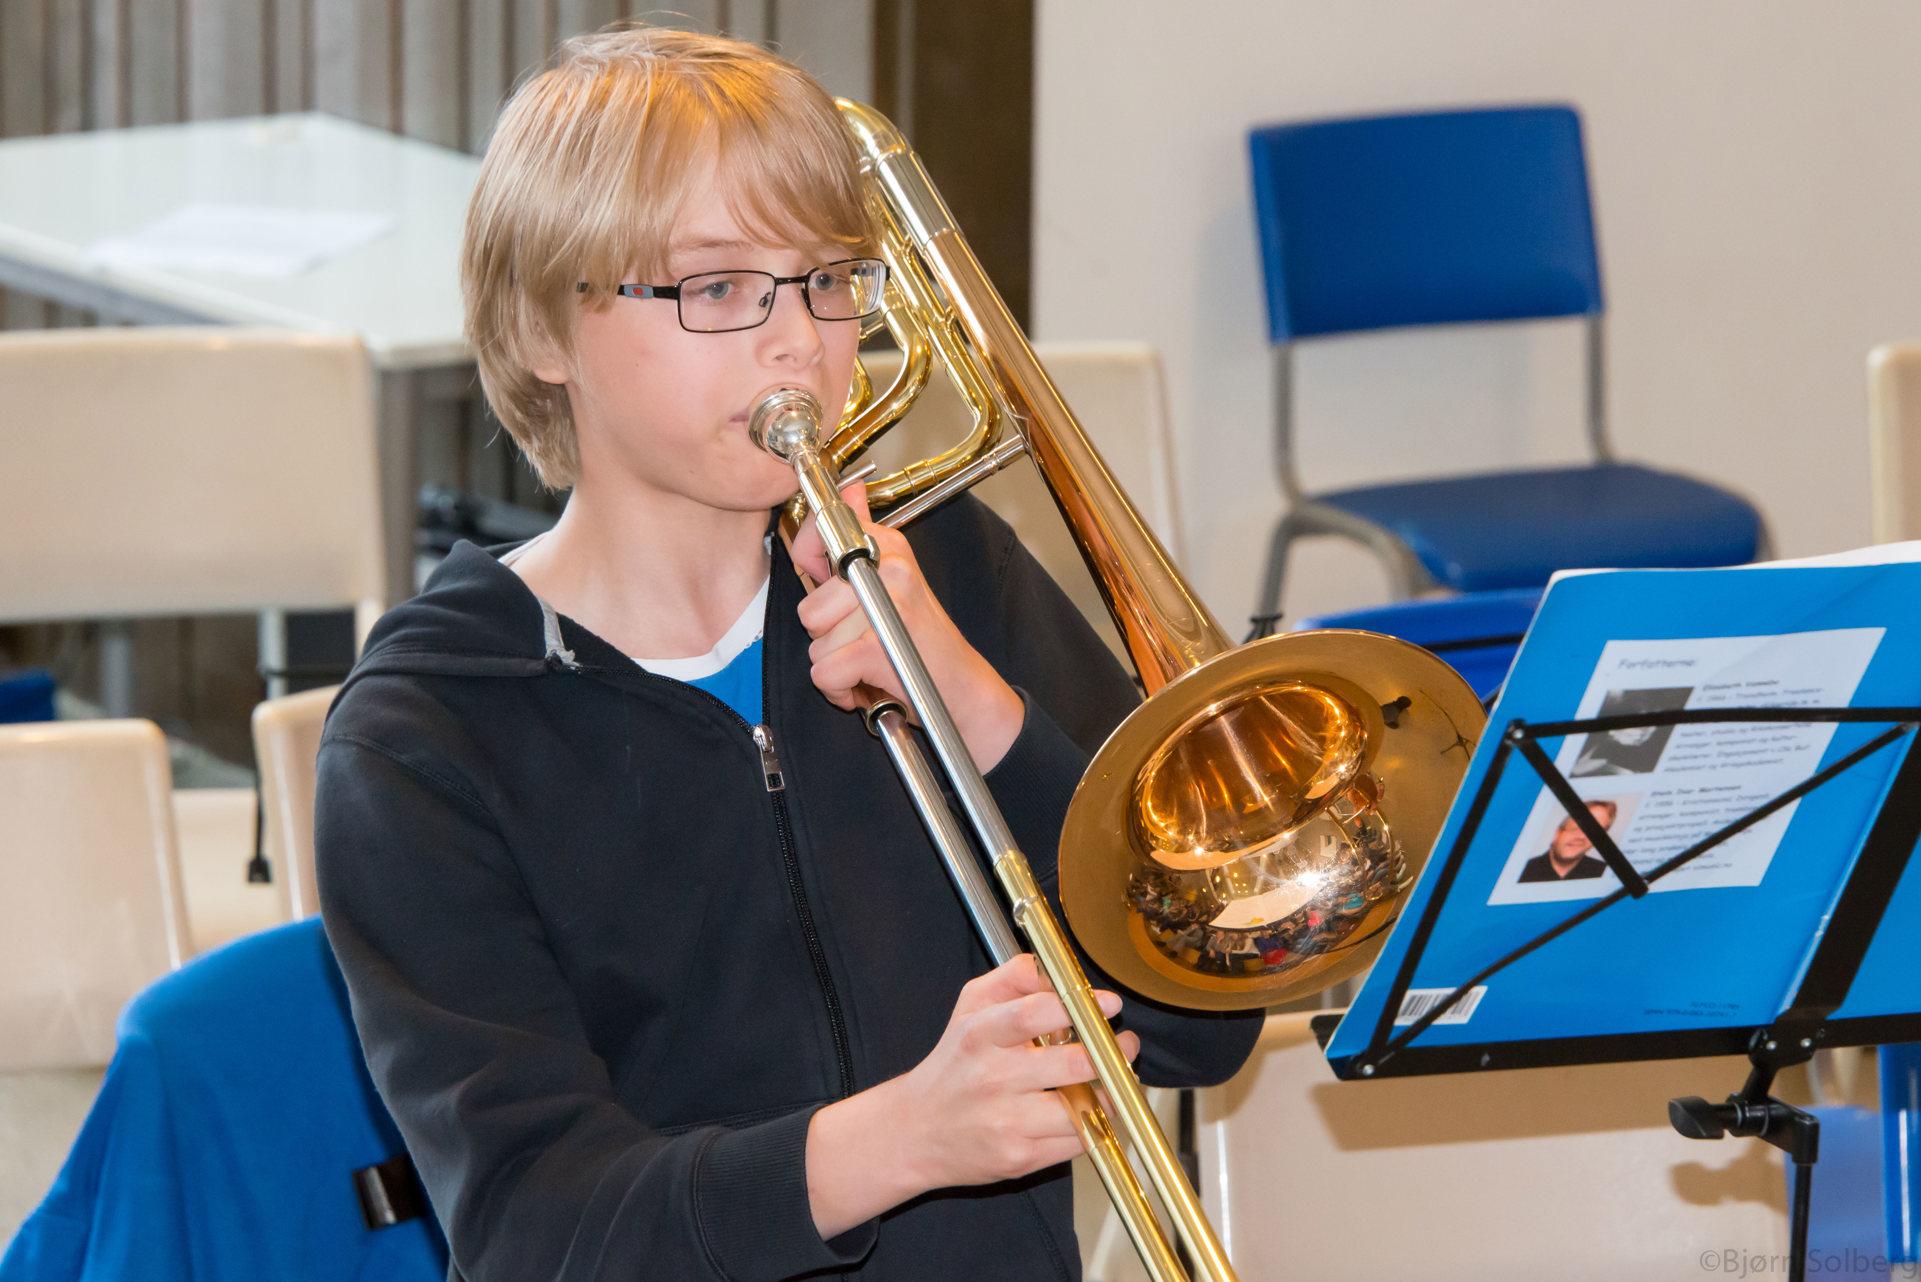 20140605-HSMK, Huskonsert med stjernedryss 2014-06